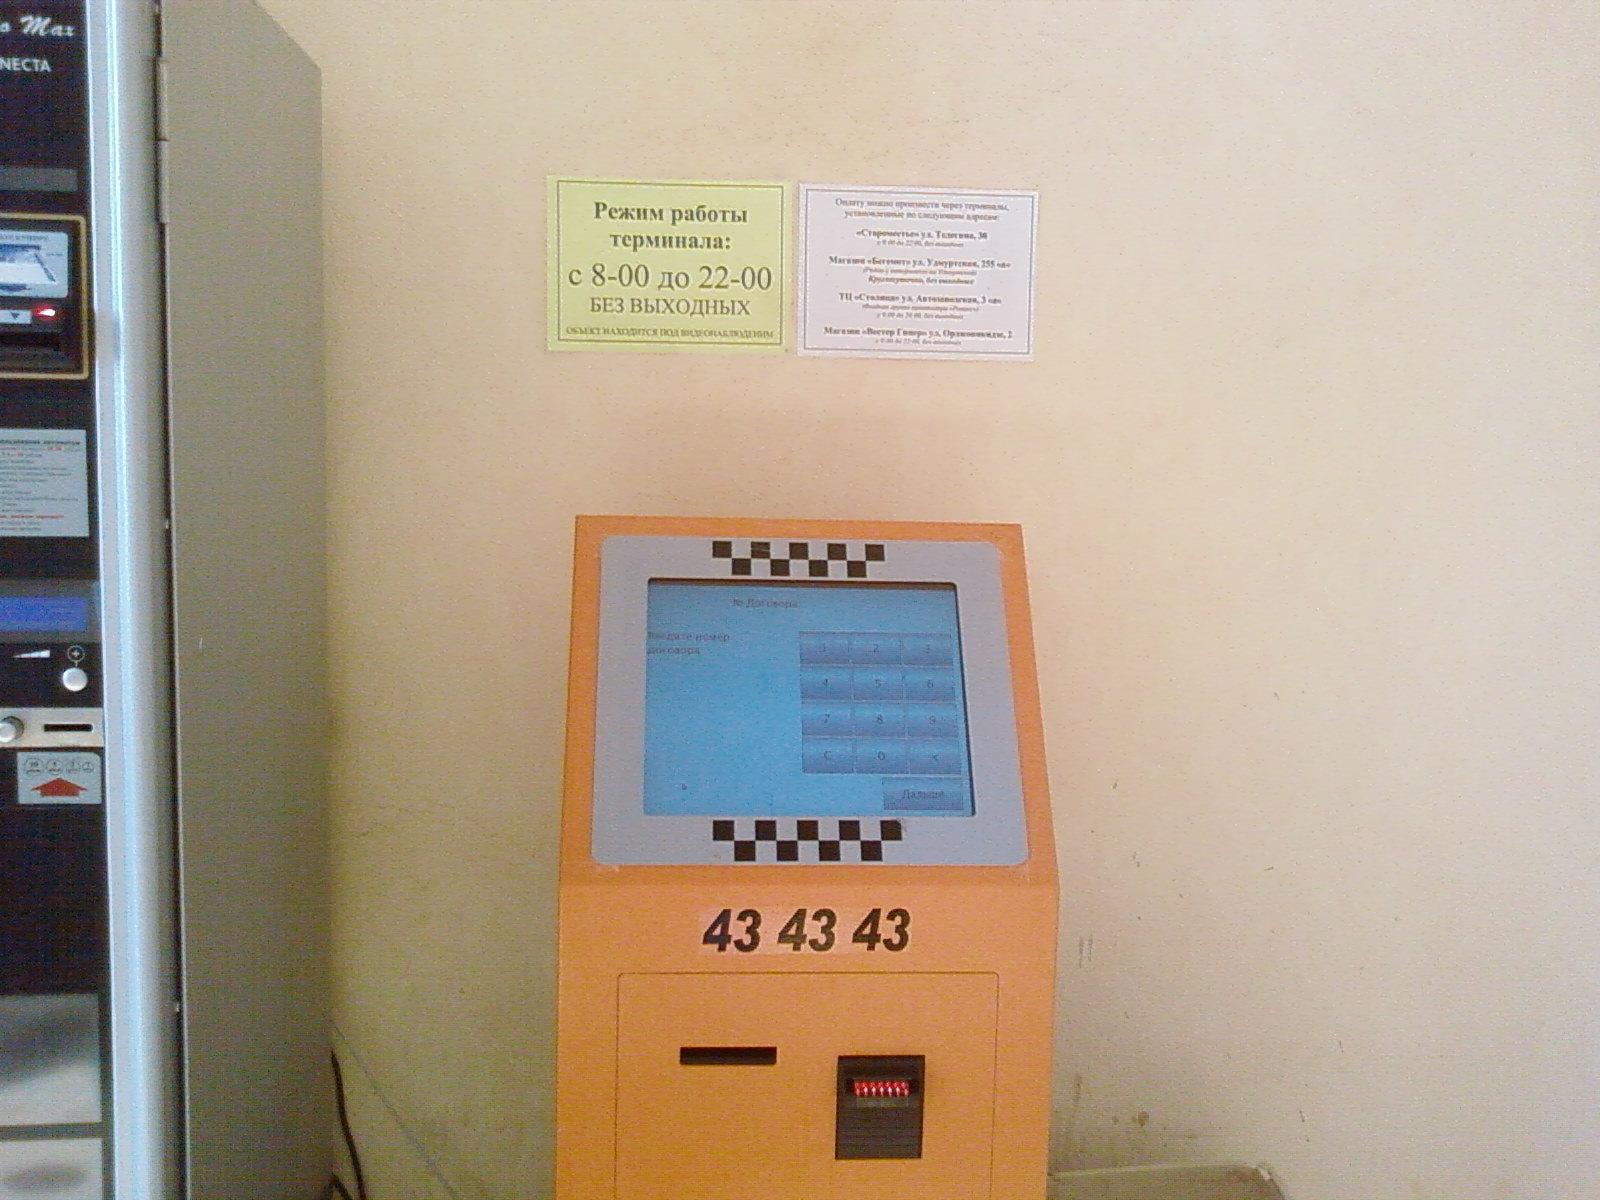 Аренда игровые автоматы оренбурга секреты на игровые автоматы sizzling hot